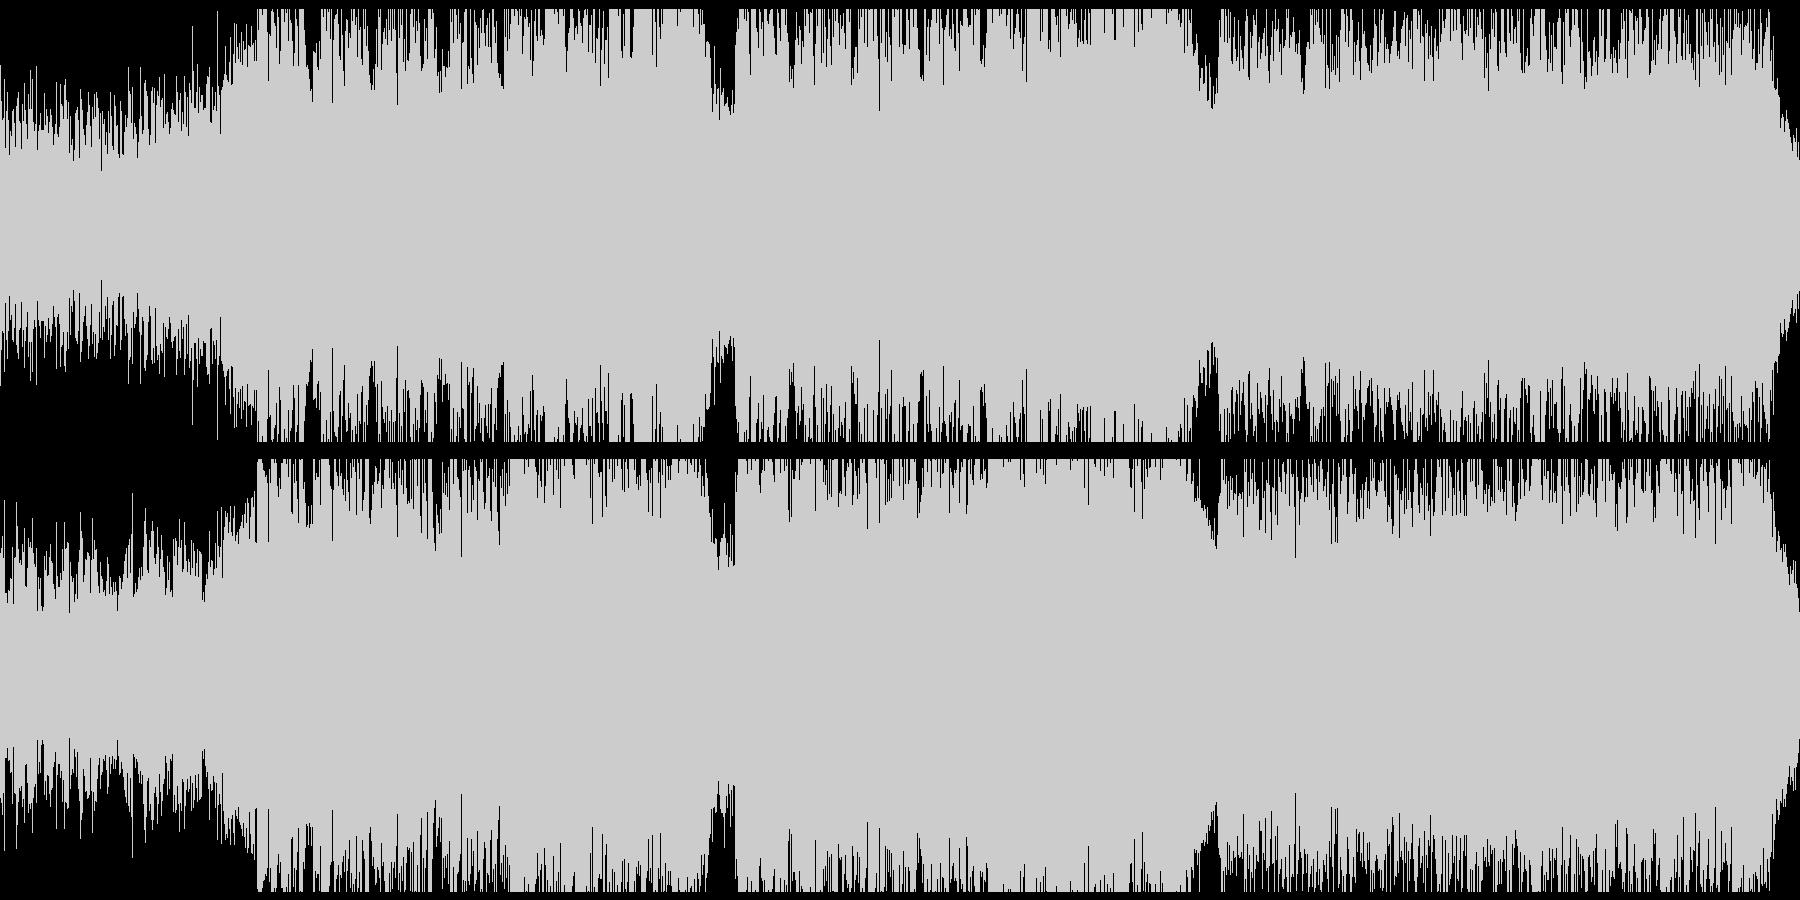 幻想的で淋しげな曲(ループ)の未再生の波形